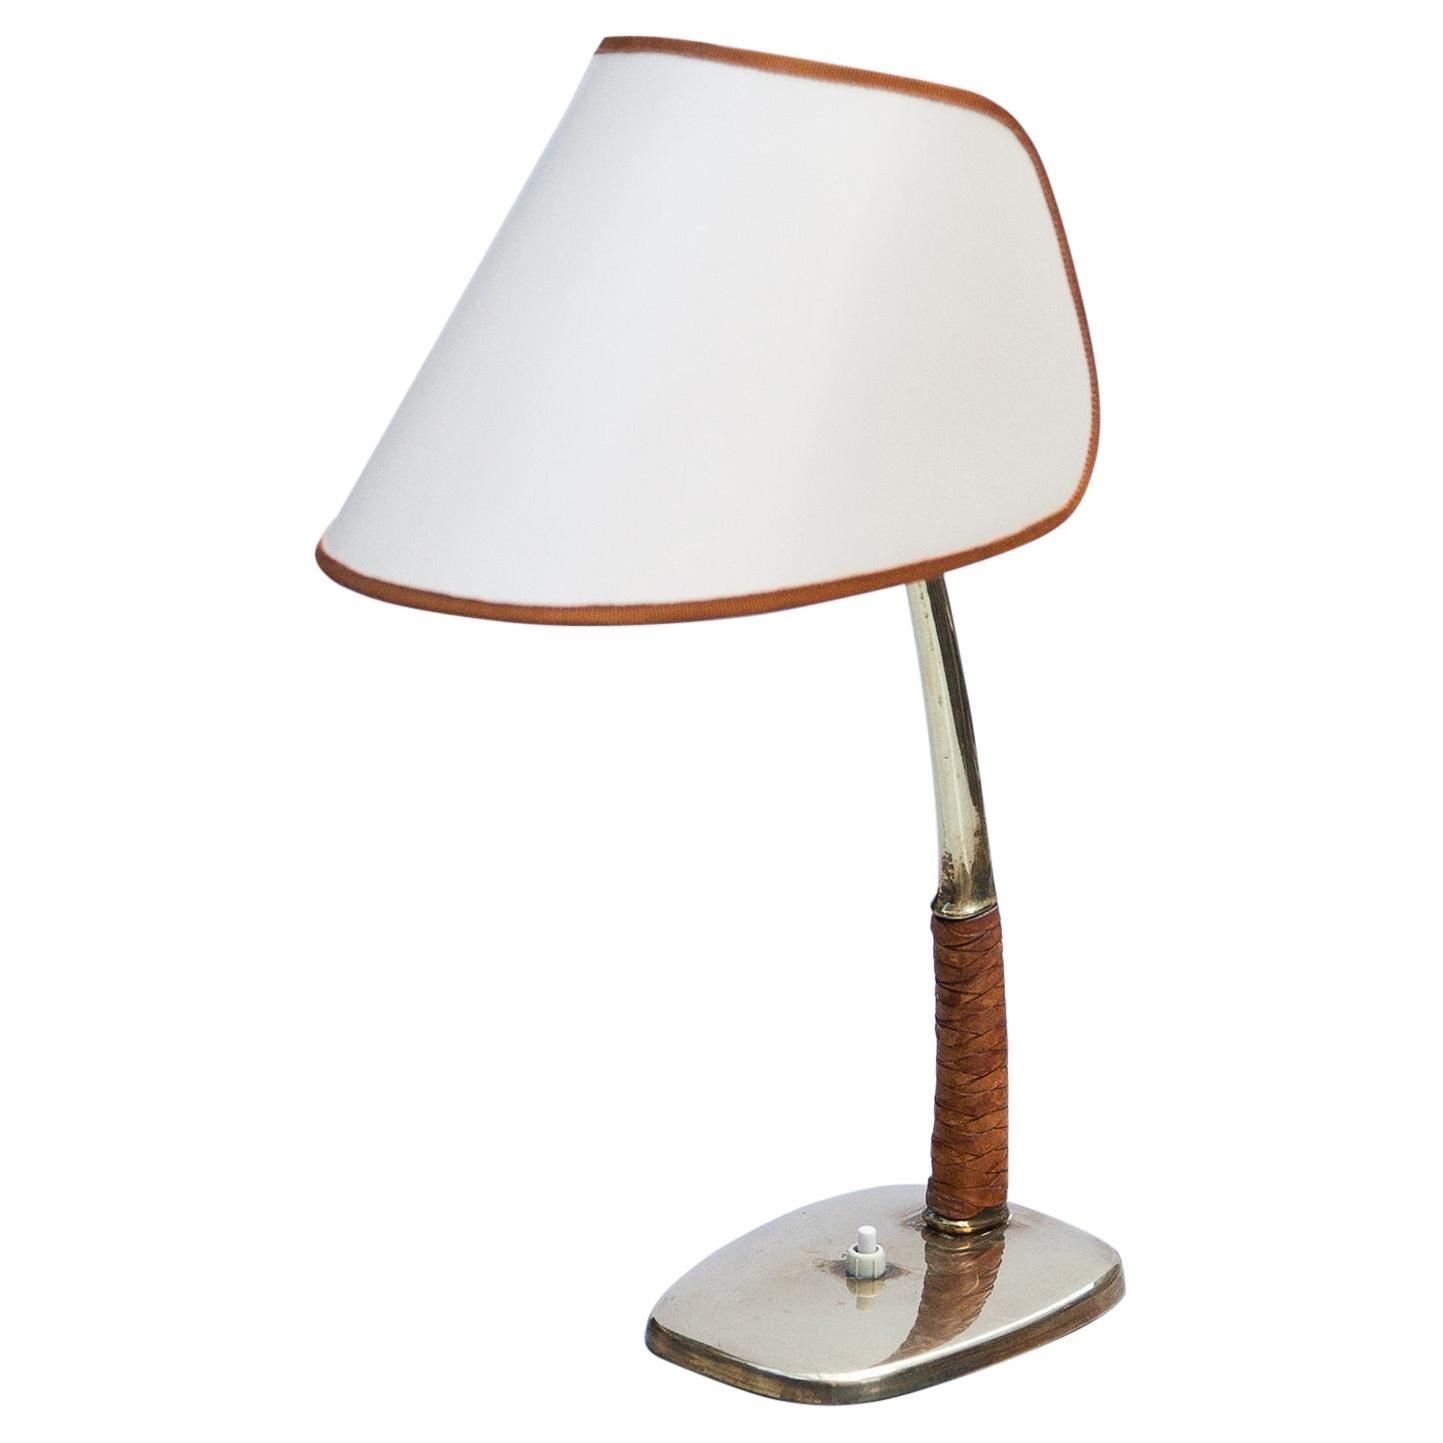 J.T. Kalmar Table Lamps